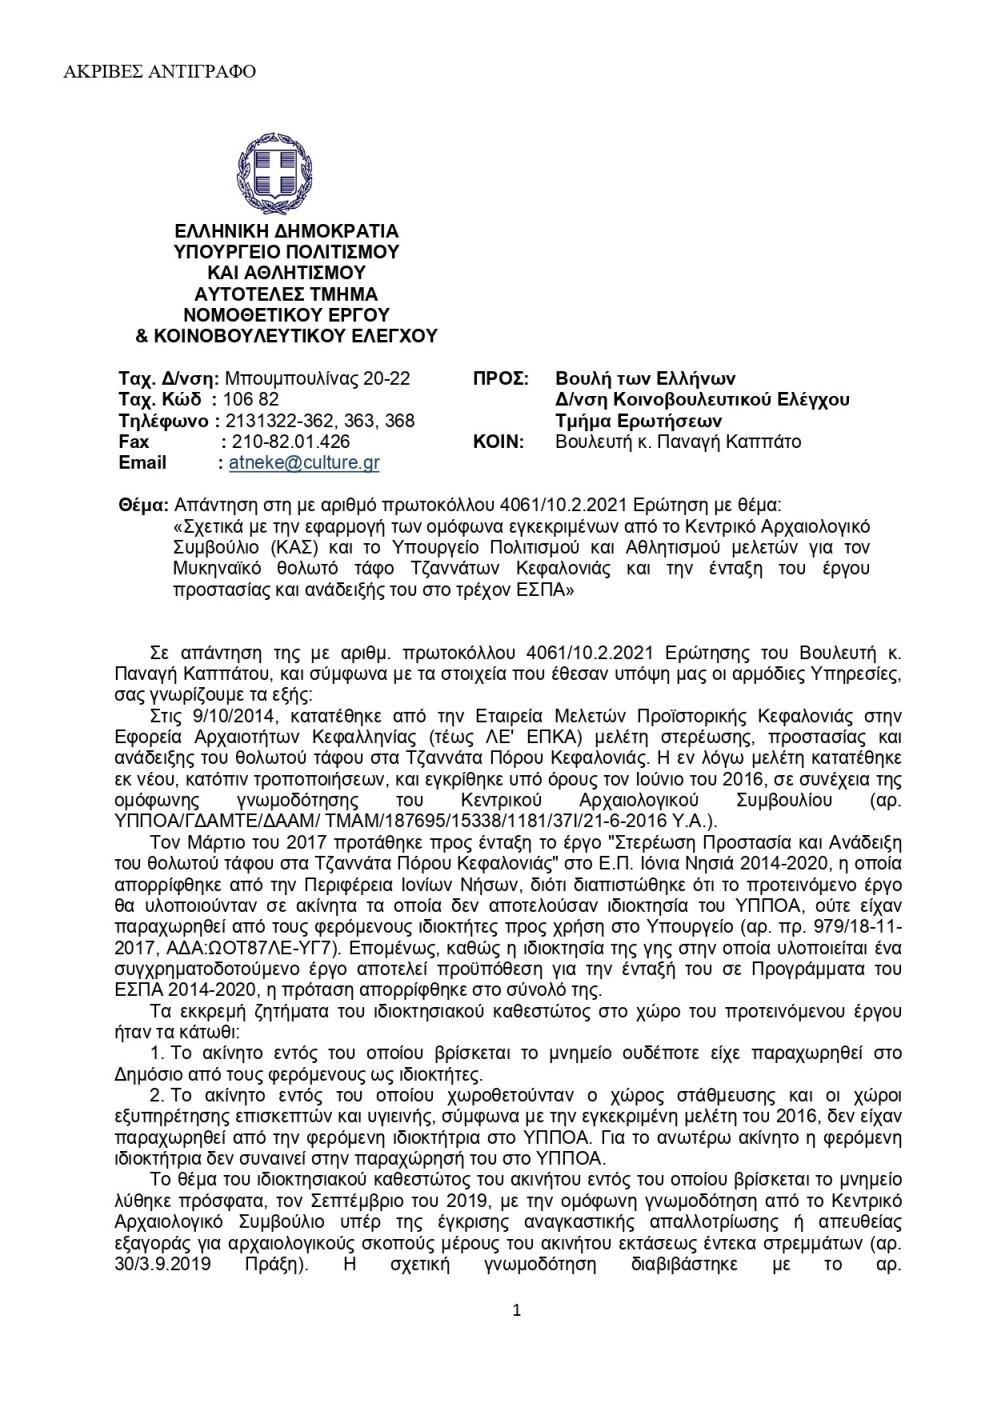 Απάντηση της υπουργού Πολιτισμού Λίνας Μενδώνη στην ερώτηση Καππάτου για τον Μυκηναϊκό τάφο Τζαννάτων